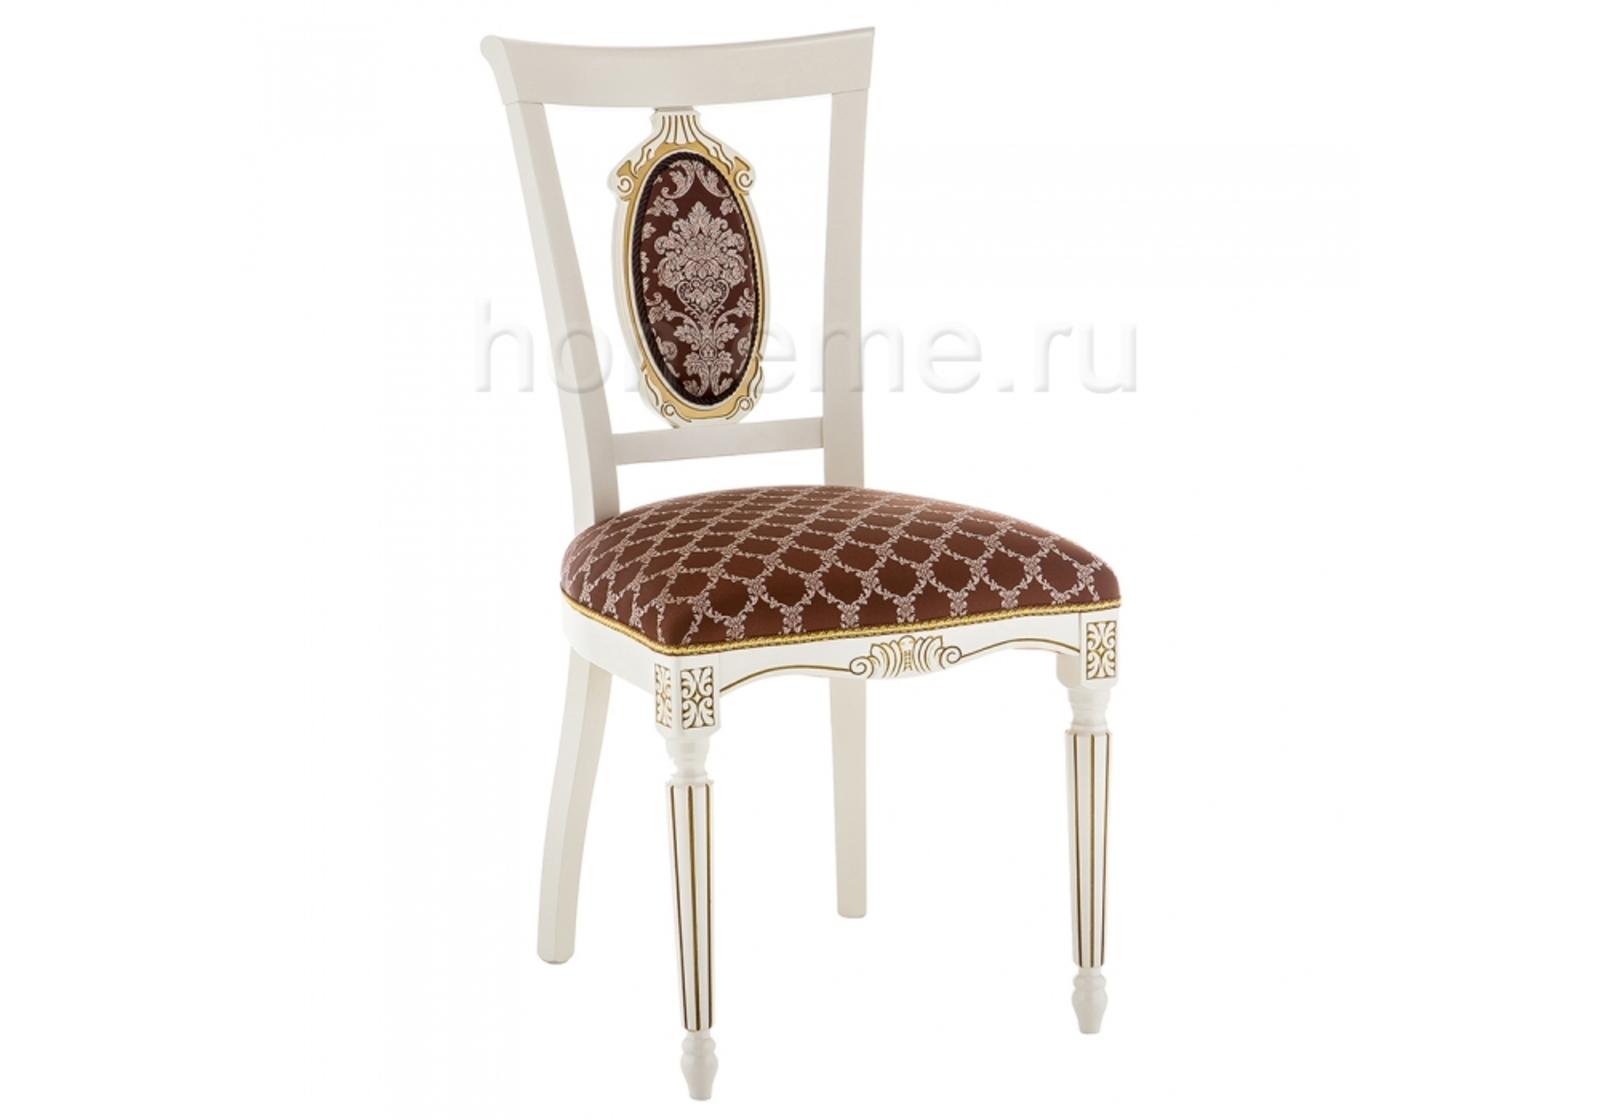 Стул HomeMe Лино патина золото / шоколад 309310 от Homeme.ru